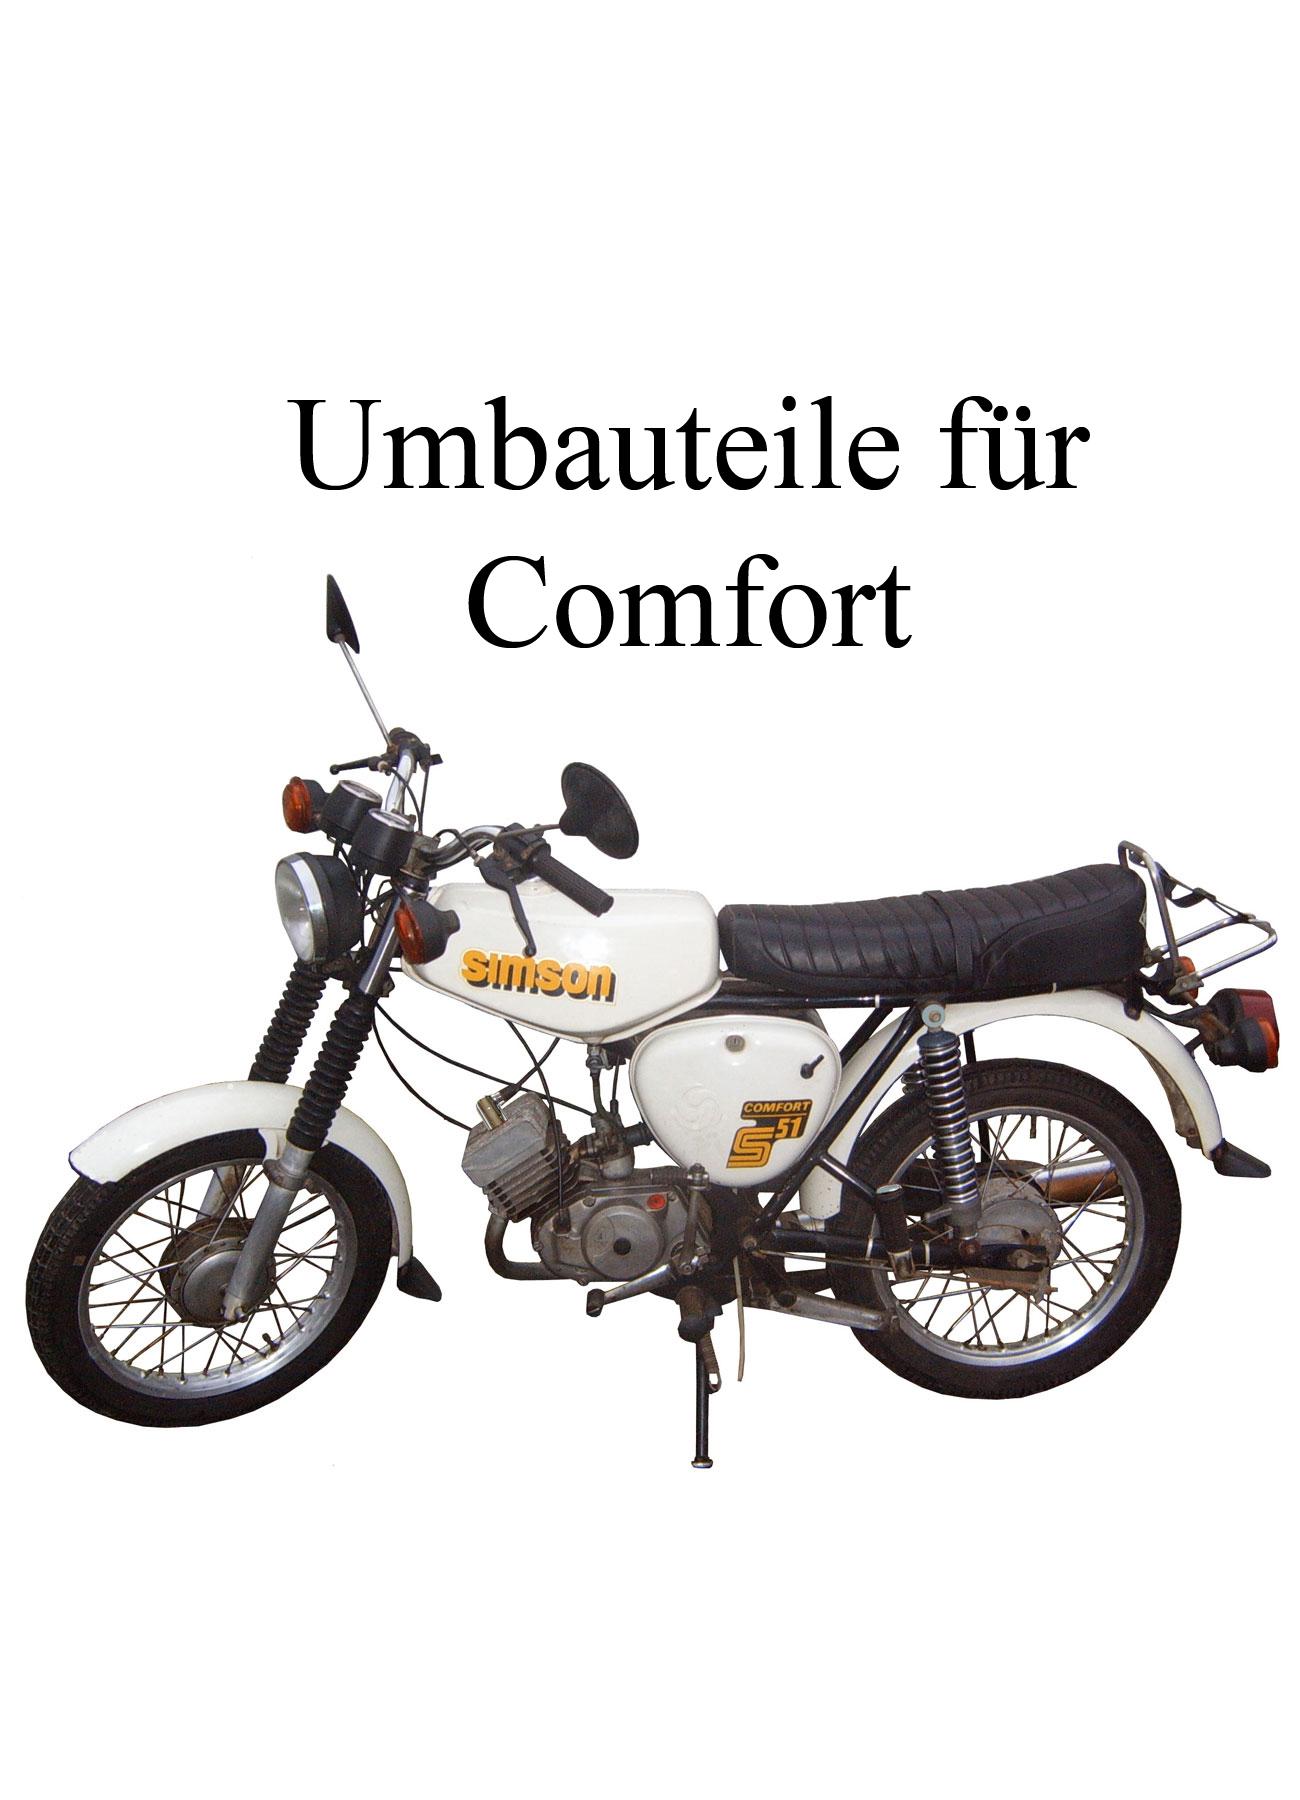 ersatzteile simson s51 ddr motorrad ersatzteileshop. Black Bedroom Furniture Sets. Home Design Ideas